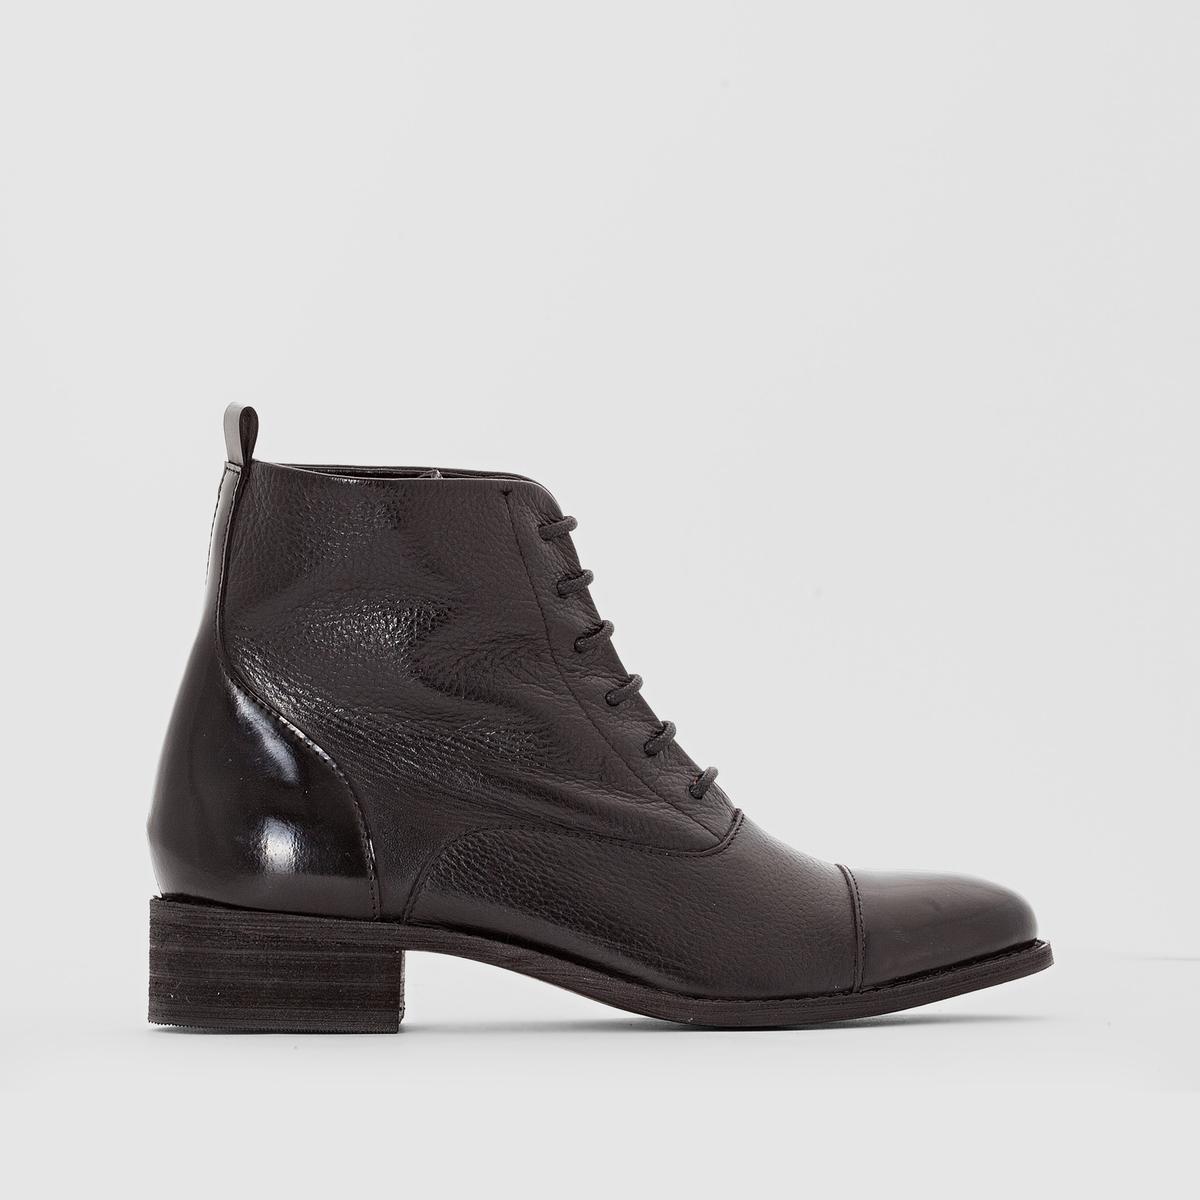 Ботинки на шнуровкеВерх/Голенище : кожа                Подкладка : кожа         Стелька : кожа         Подошва : эластомер Форма каблука : плоский каблук    Мысок : закругленный         Застежка : на шнуровку<br><br>Цвет: черный<br>Размер: 38.37